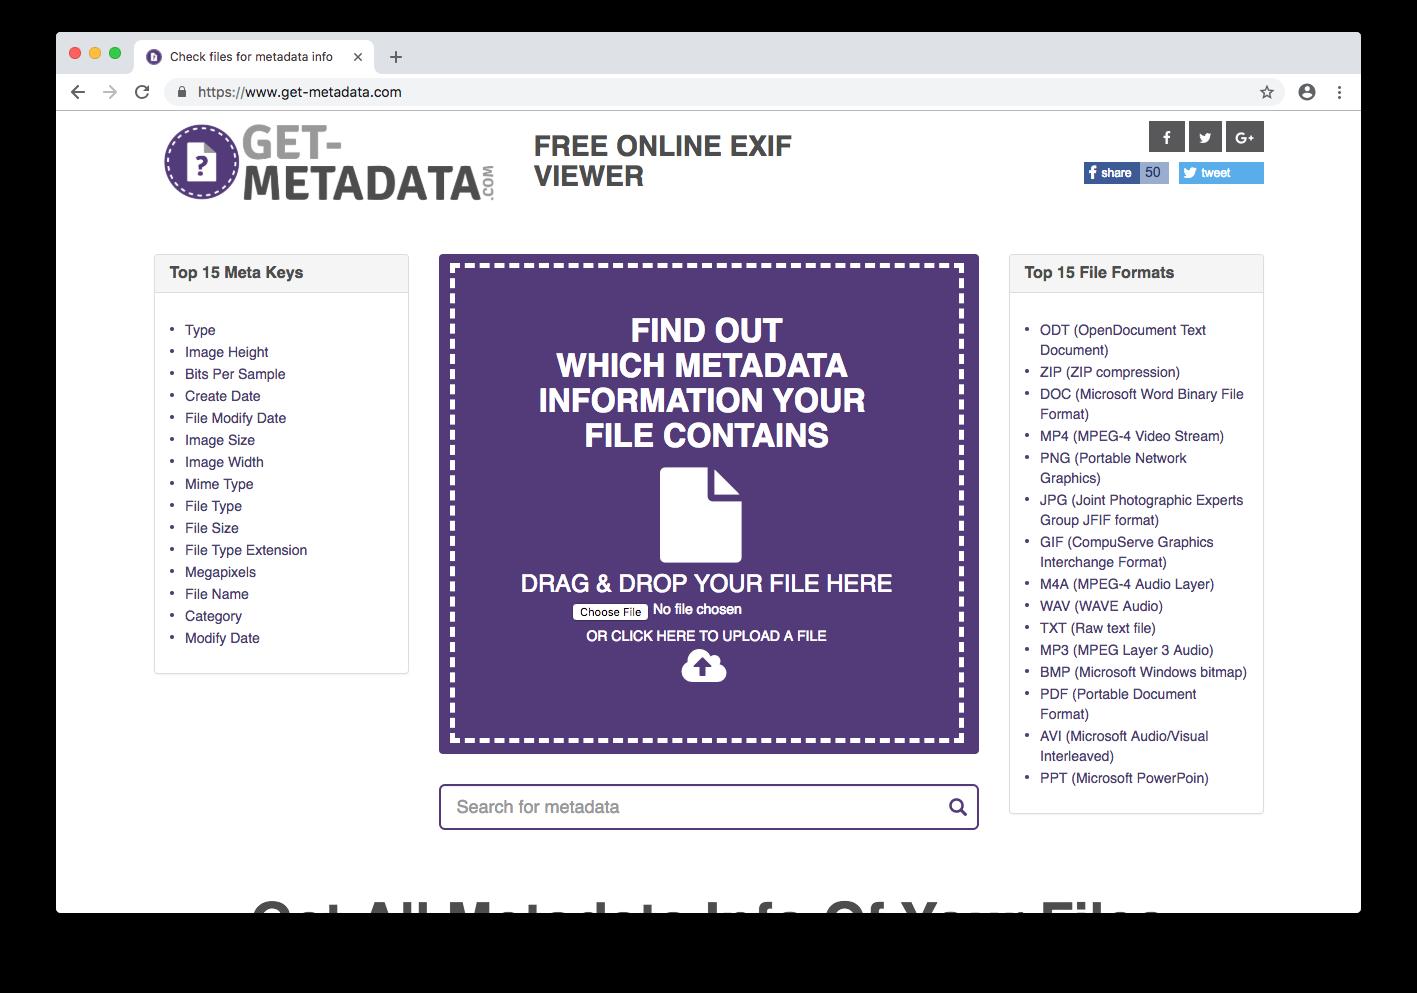 Get Metadata.com